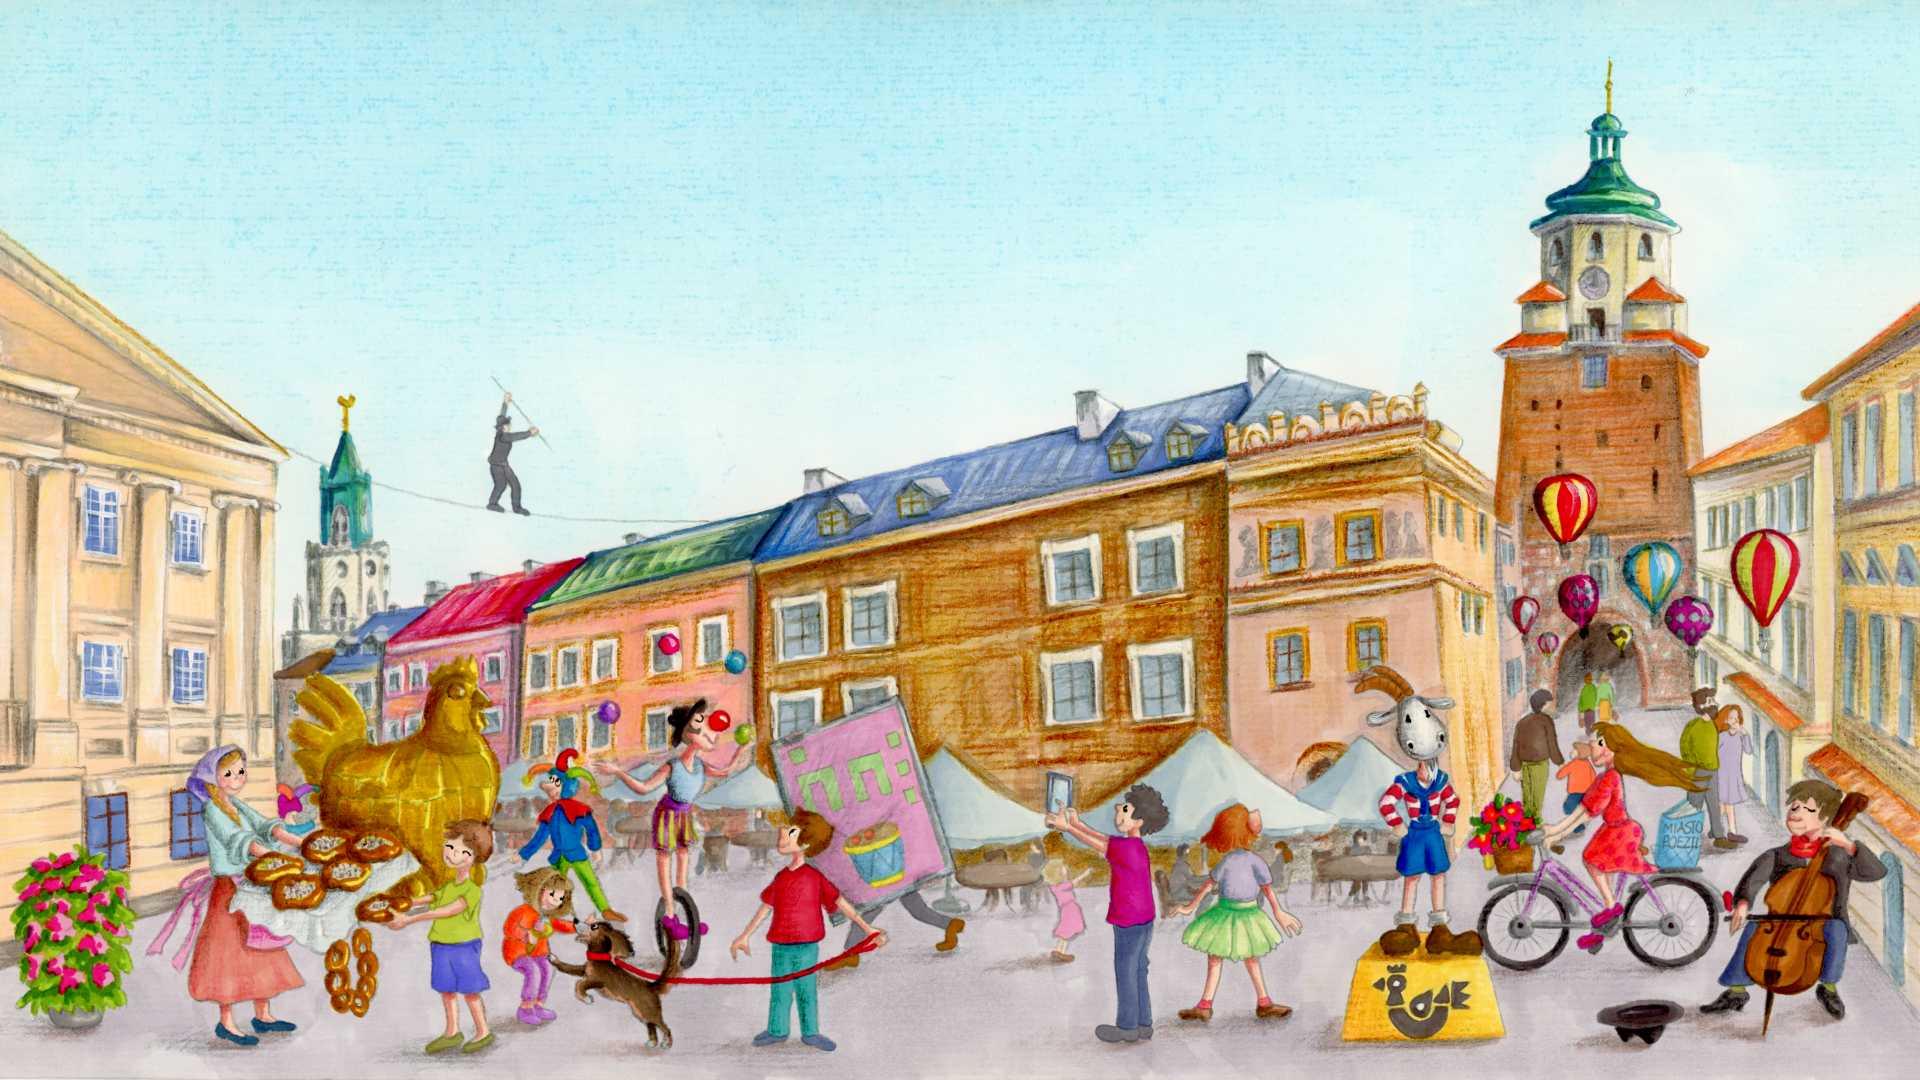 ilustracja przedstawiająca Rynek Starego Miasta w Lublinie, pełen ludzi i atrakcji takich jak sztukmistrze, żonglerzy, grajkowie czy złota kura Jarmarku Jagiellońskiego